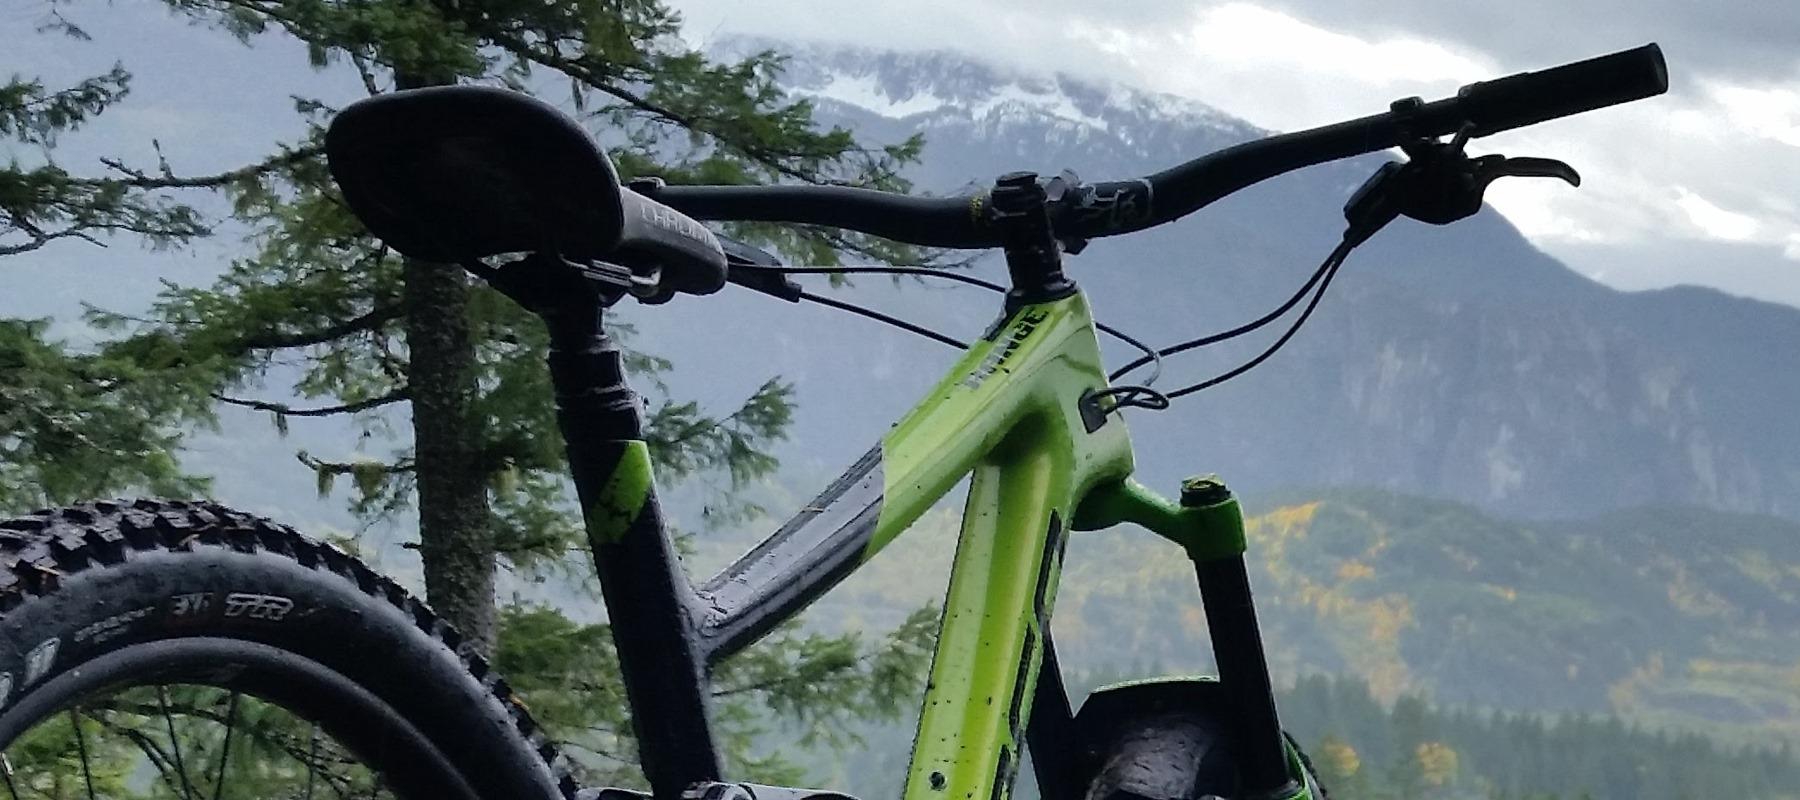 Mountain Bike Quick Sizing Guide